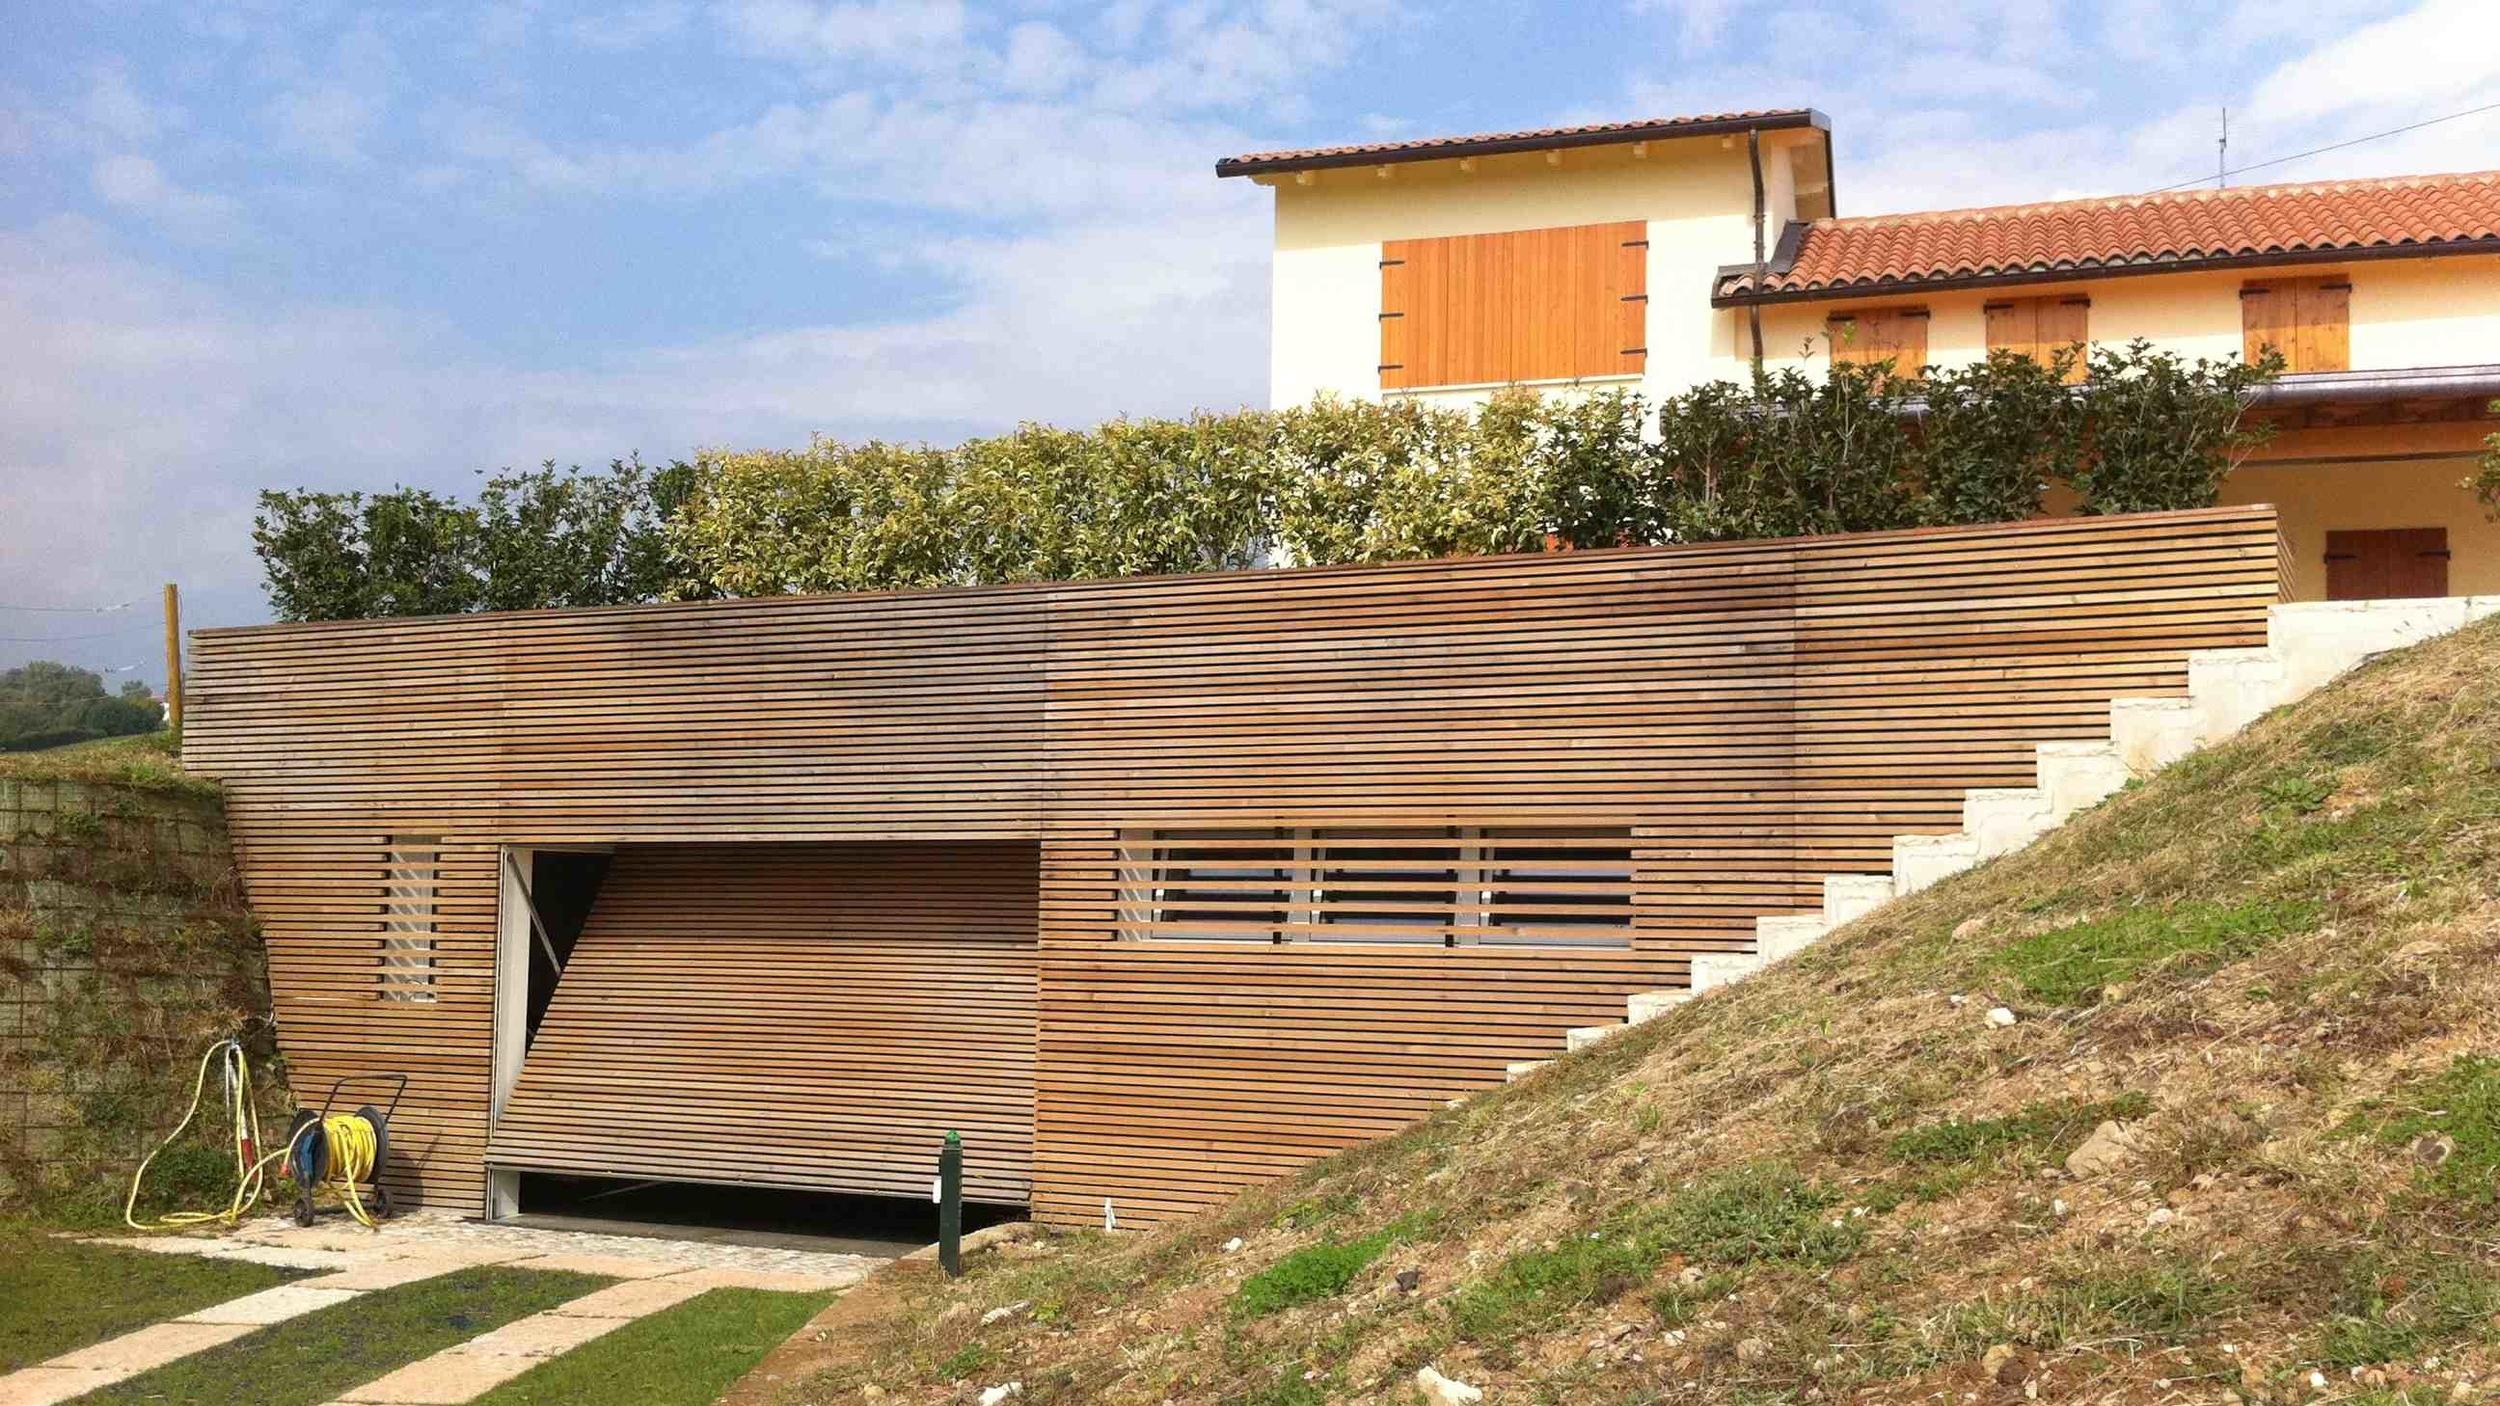 Esempio di realizzazione moderna a cura dello studio CIVICO 24 PROGETTI di Schio (Vicenza)